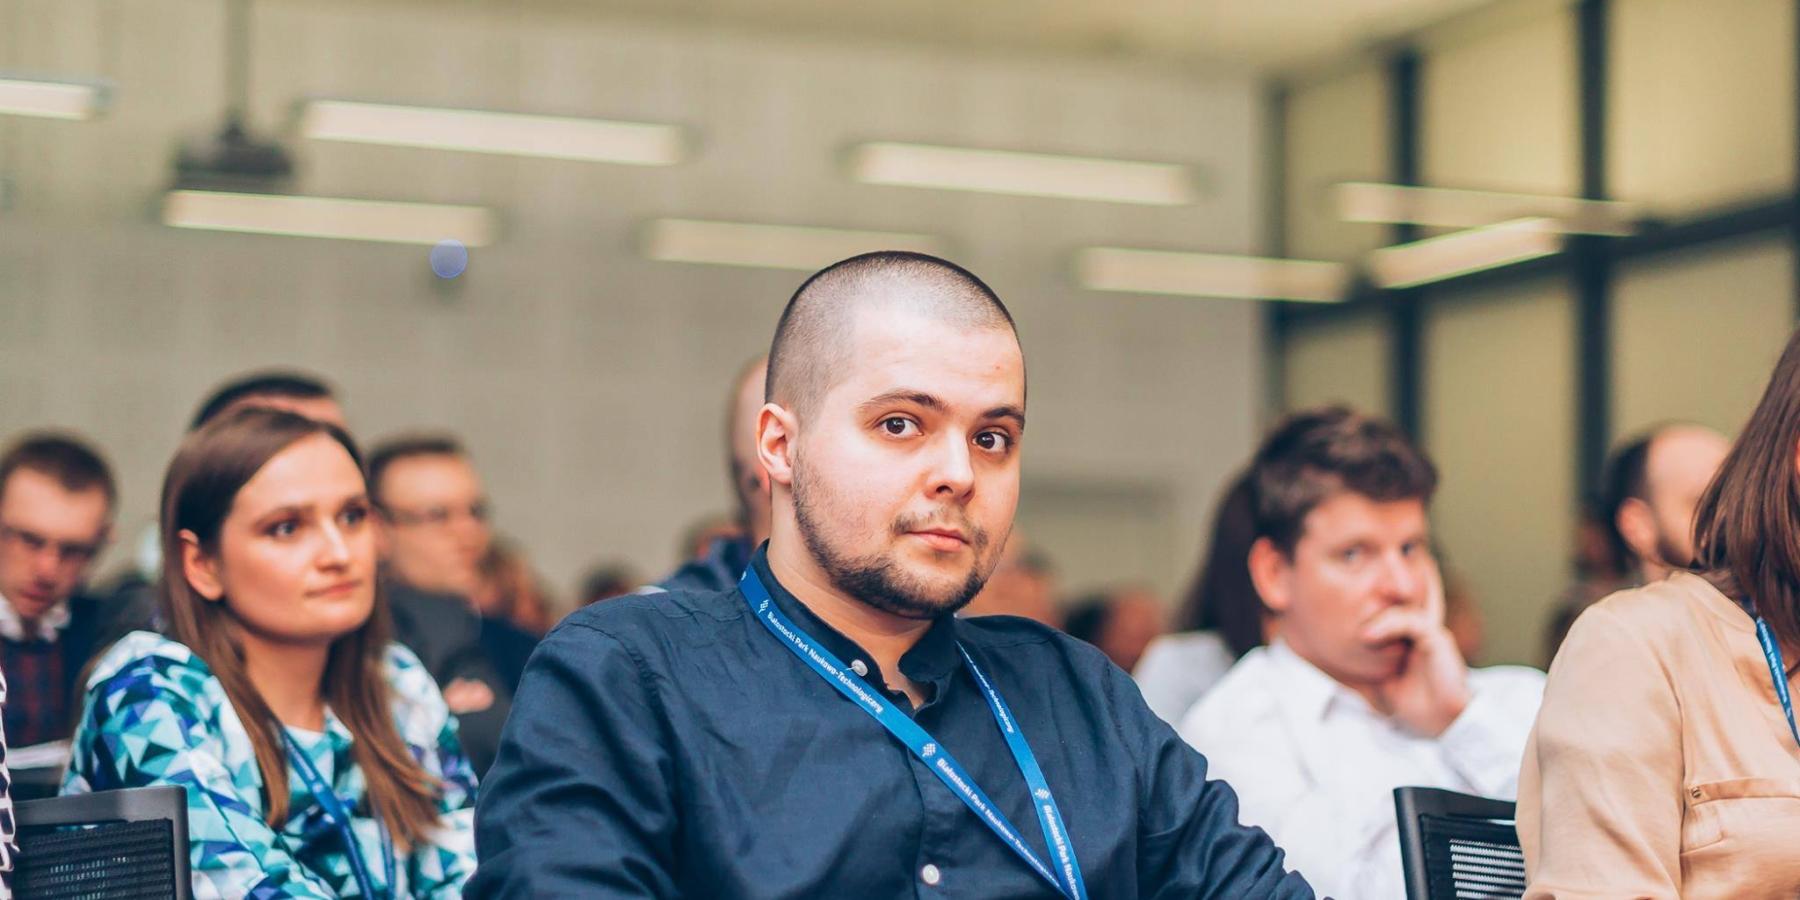 Wywiad zRobertem Marczakiem – Landingi.pl